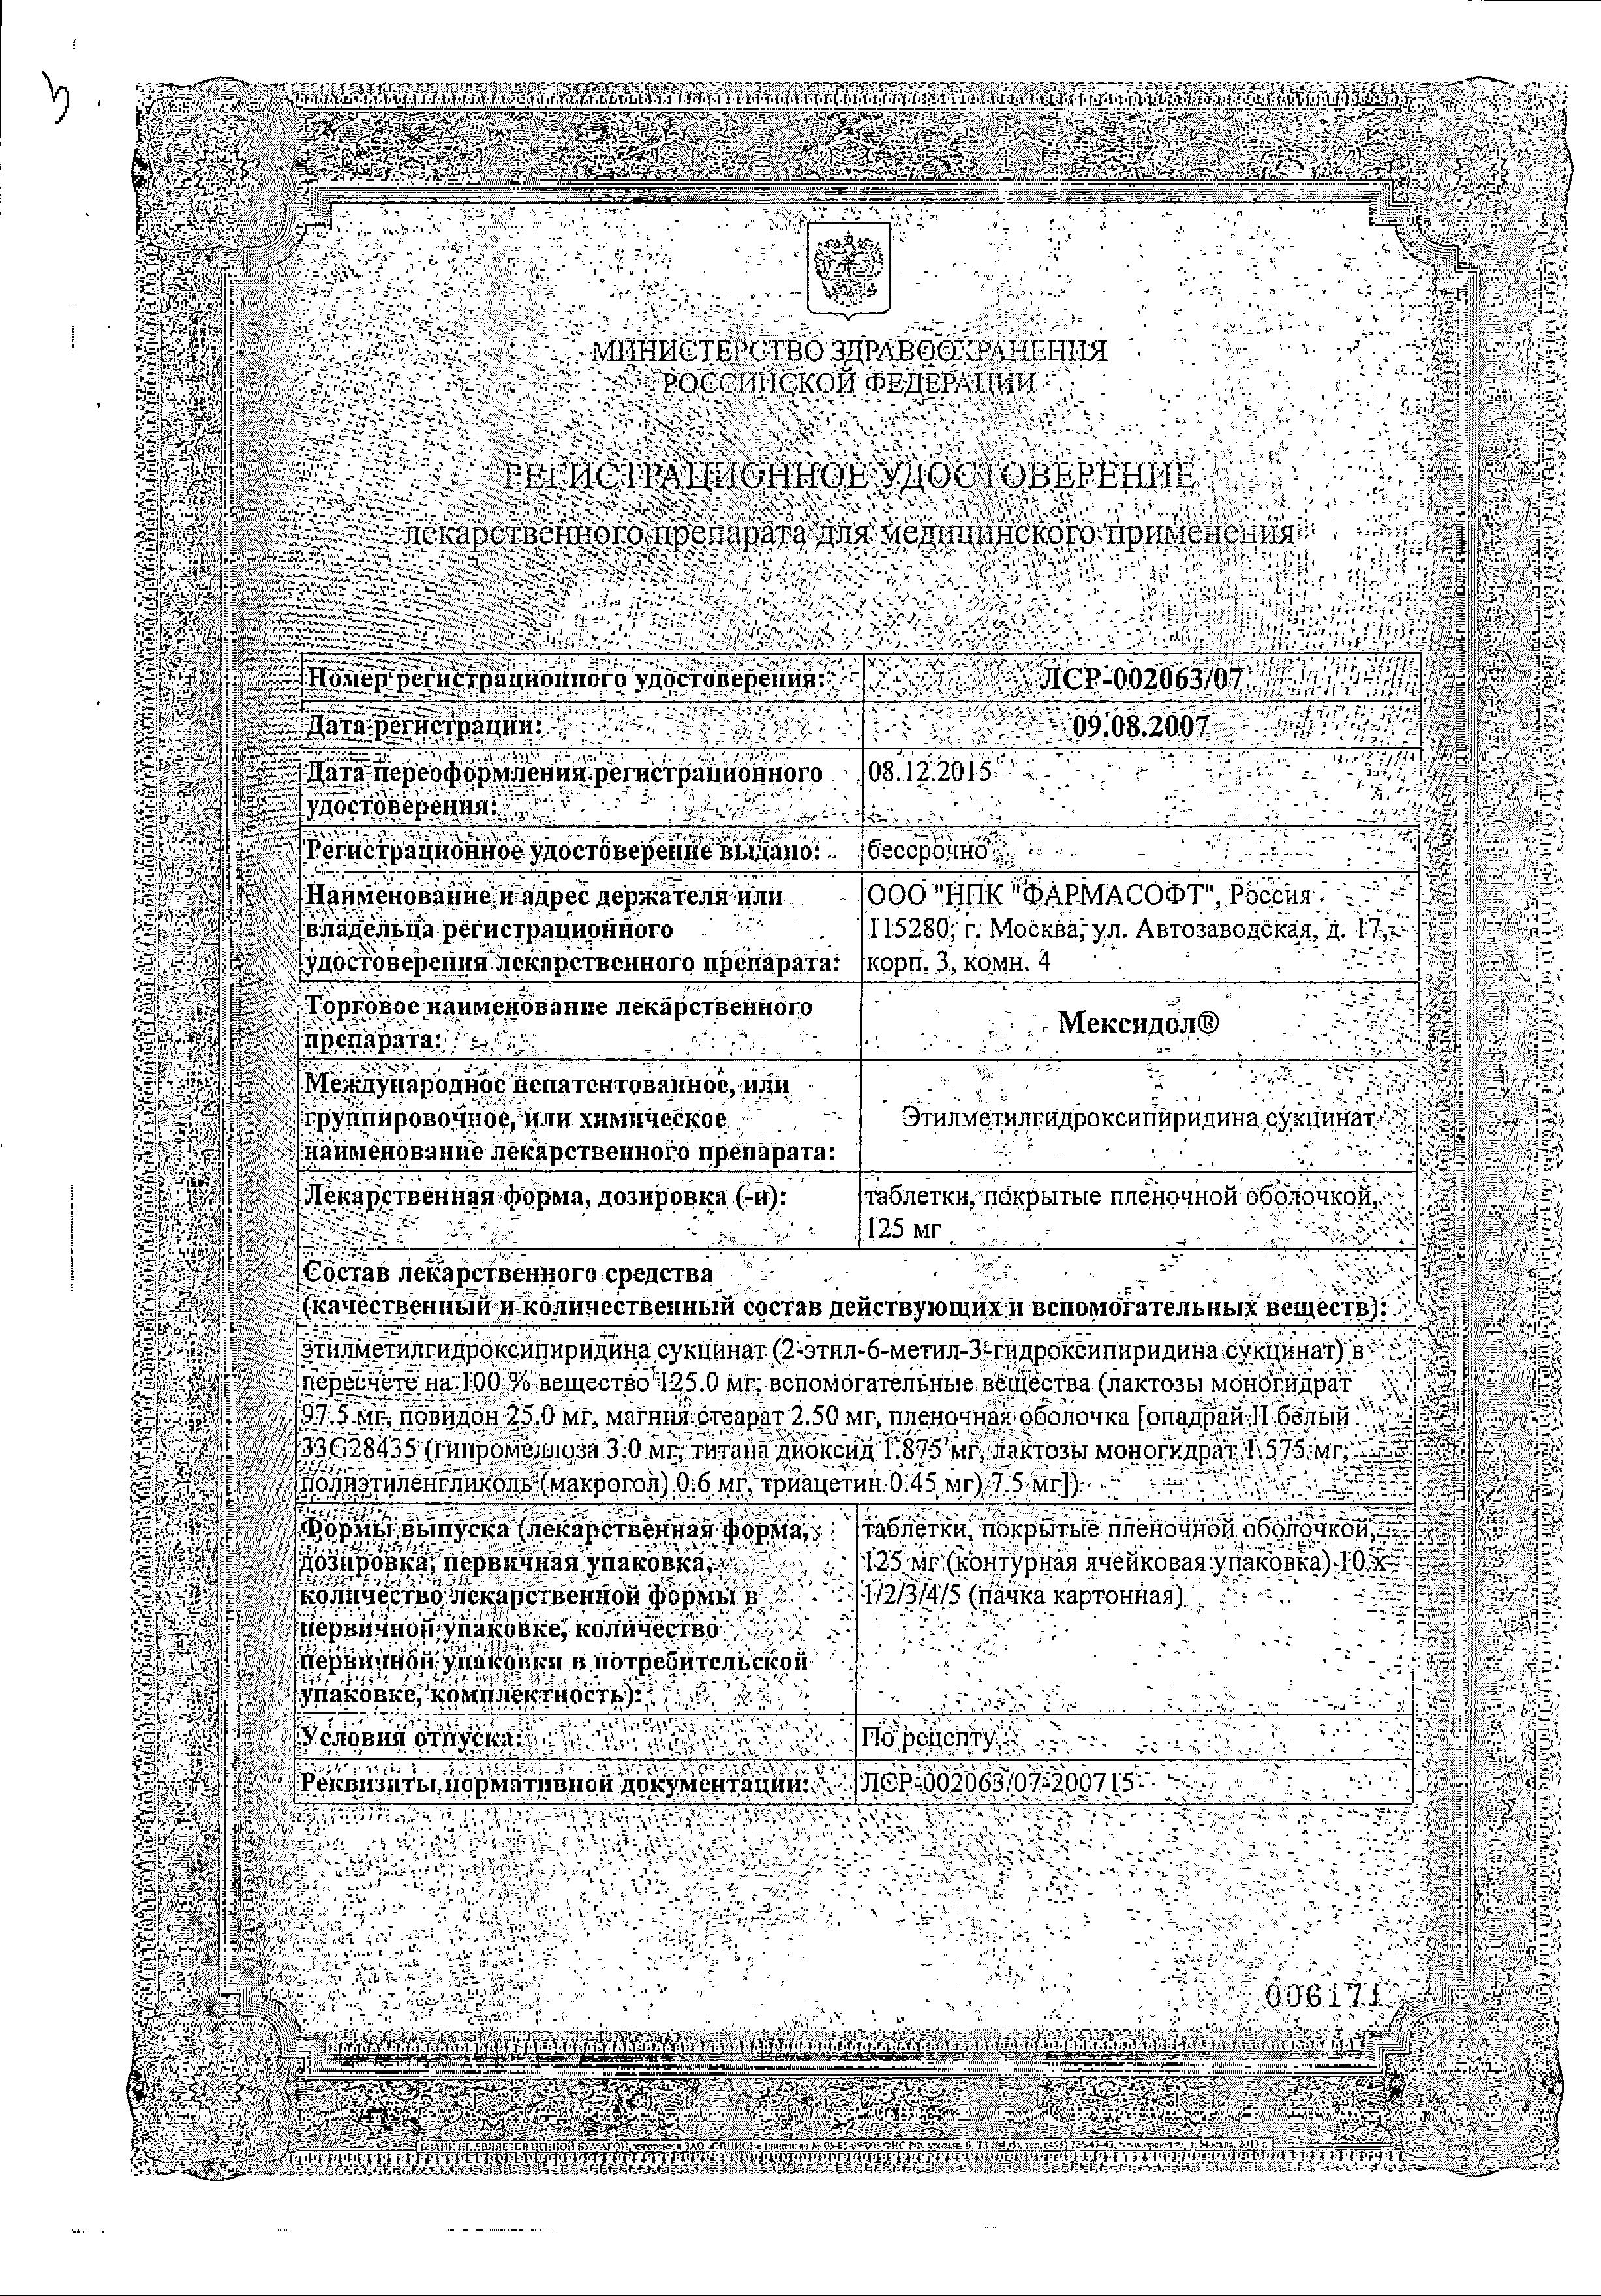 Мексидол сертификат